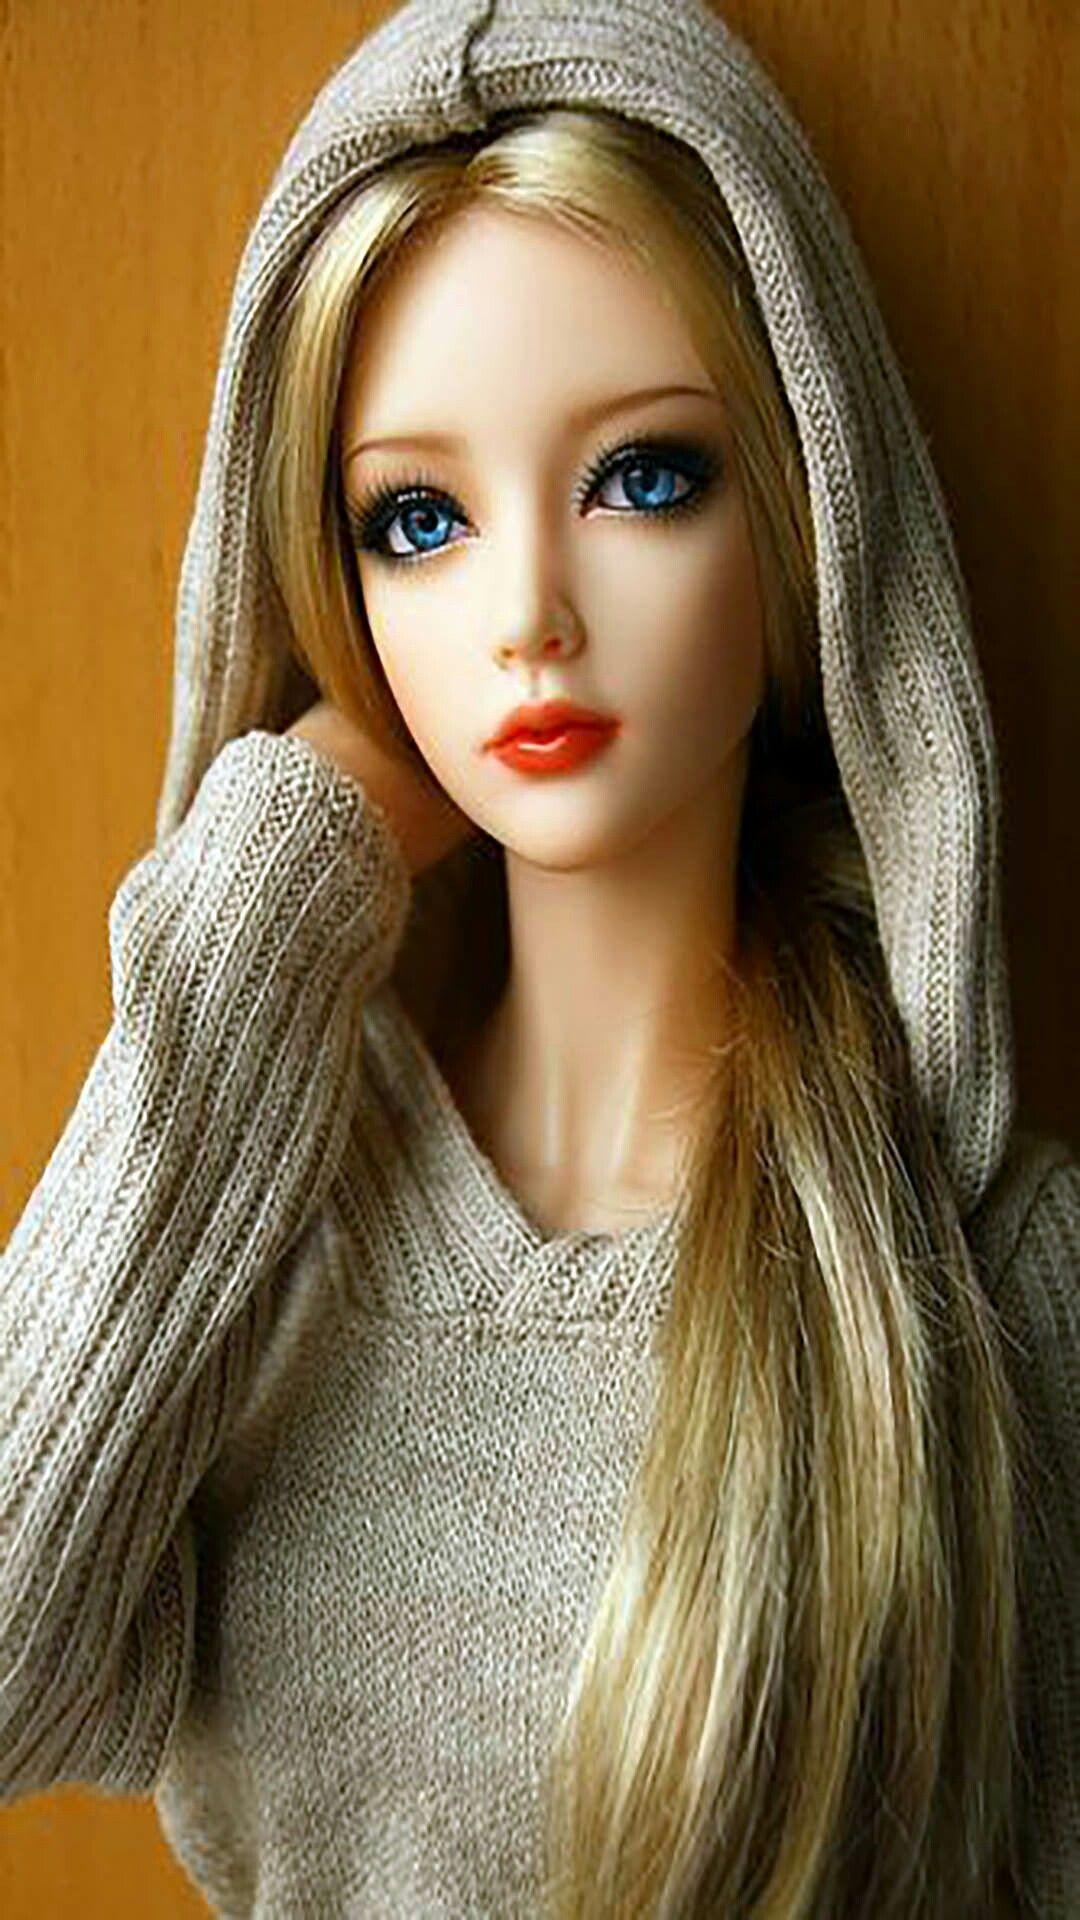 DSC_2169 | Bjd dolls girls, Beautiful barbie dolls, Pretty